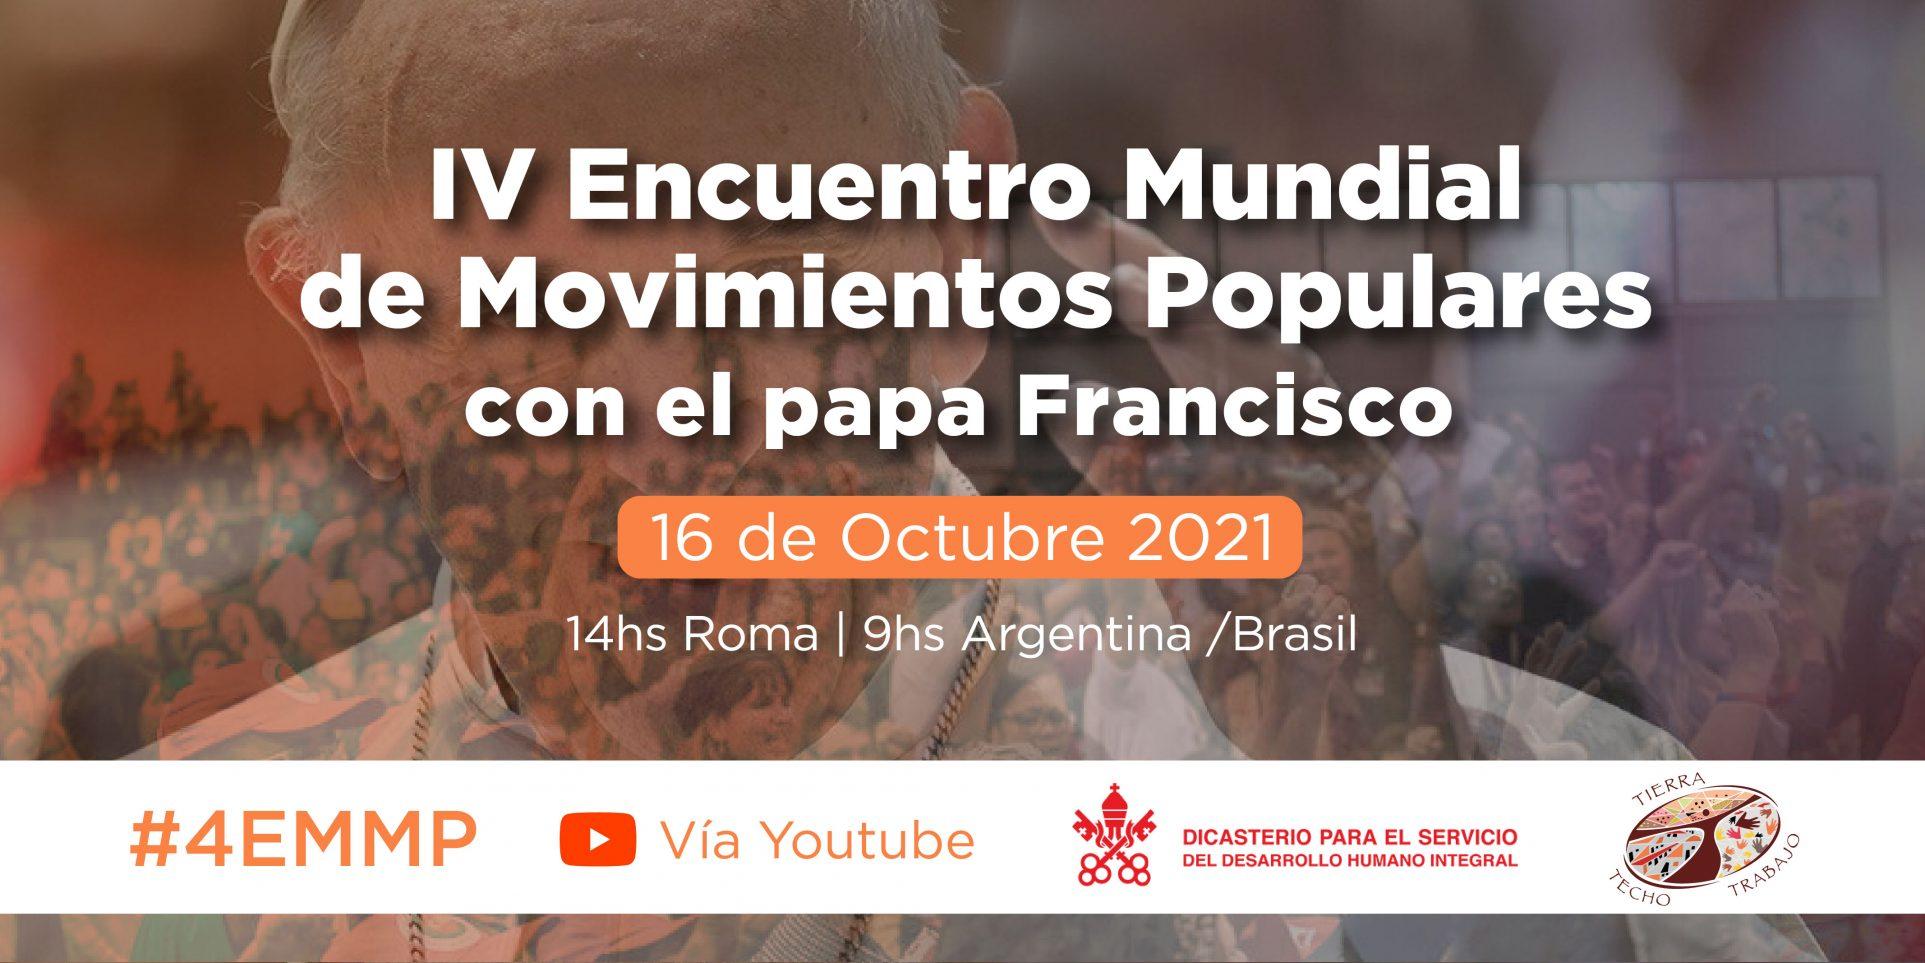 Programa | IV Encuentro Mundial de Movimientos Populares